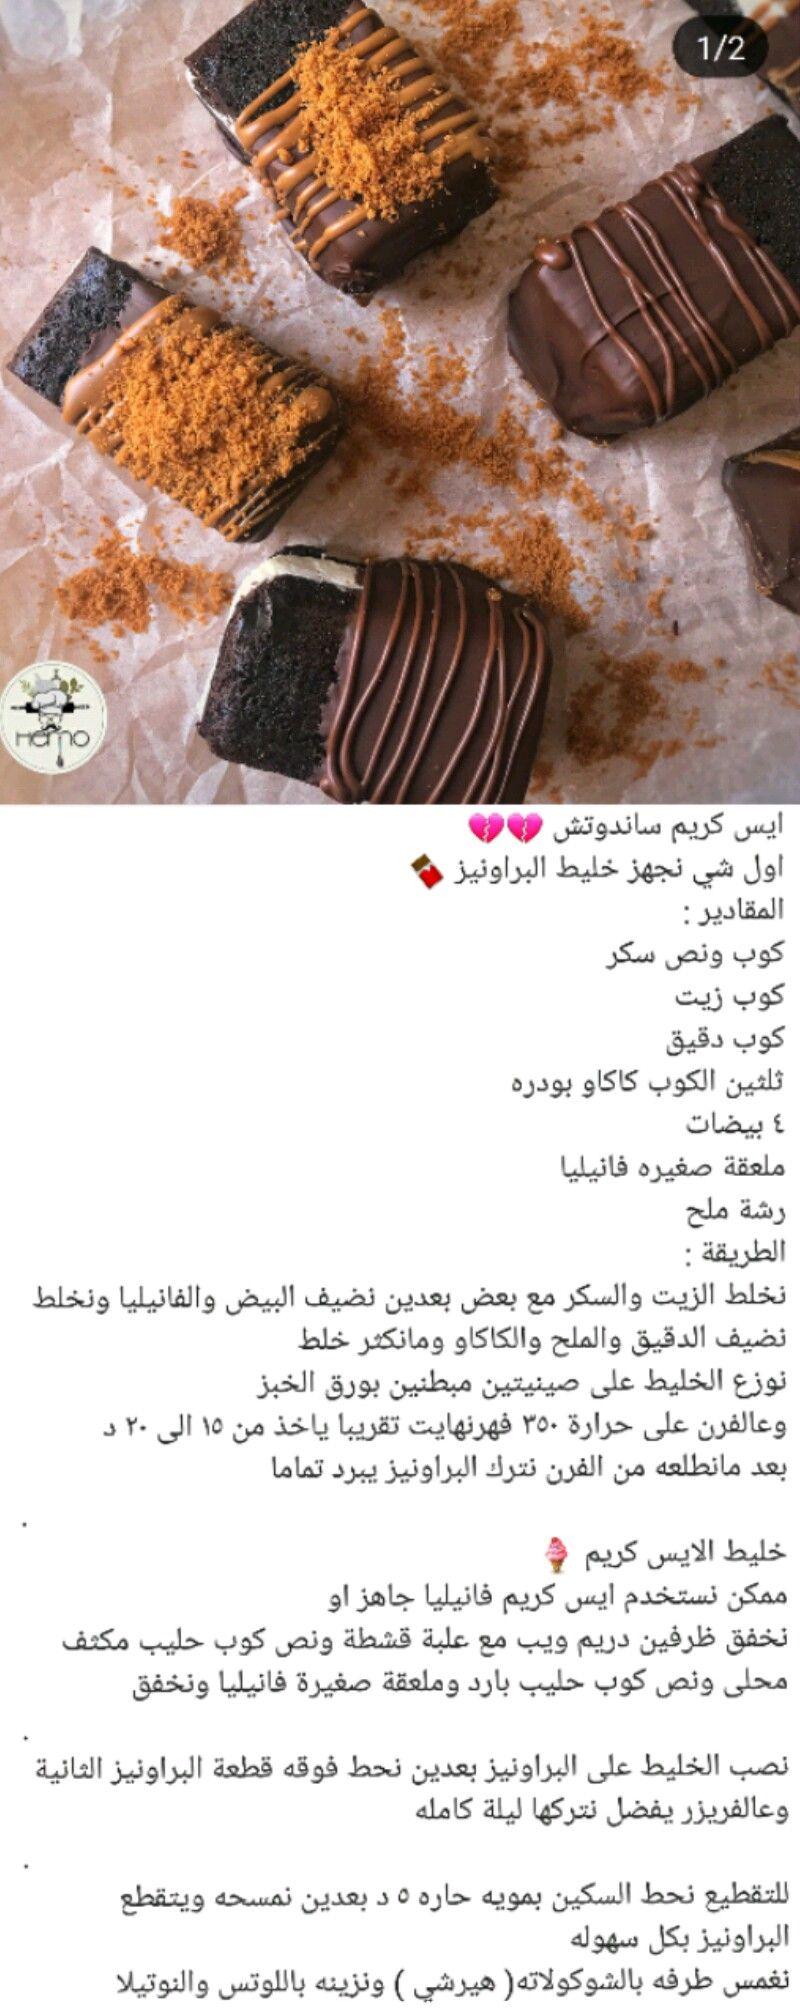 Pin By Asma Alotaibi On طبخ Yummy Food Food Food Receipes